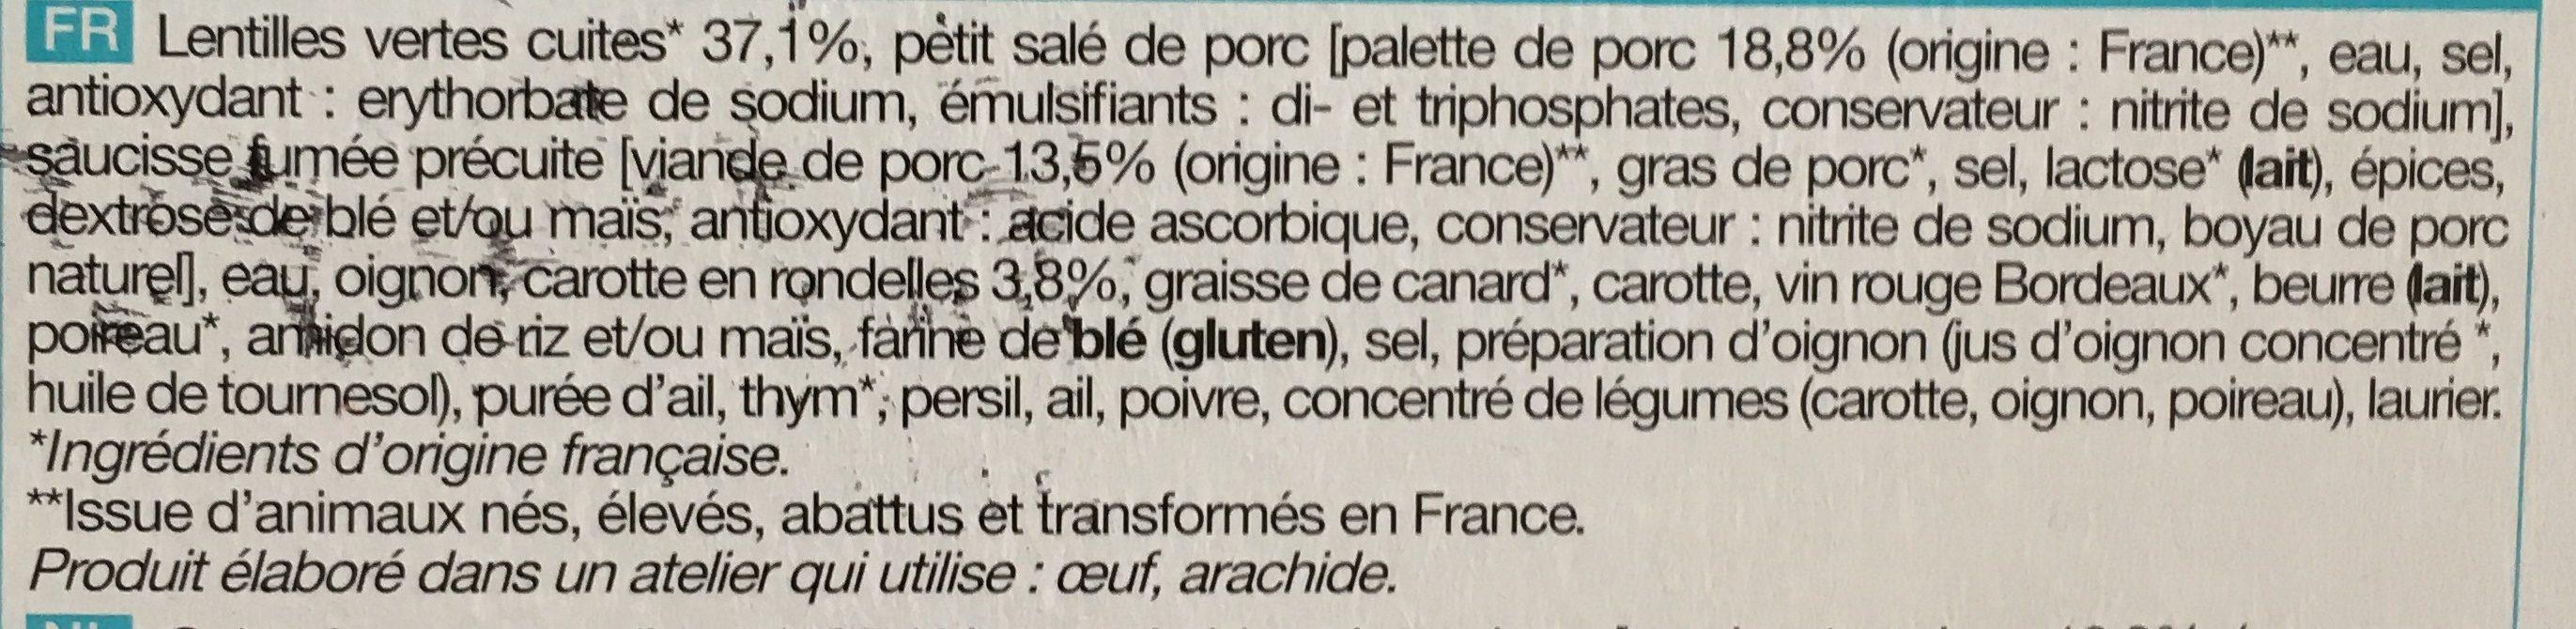 Petit Salé aux Lentilles Vertes - Ingrédients - fr